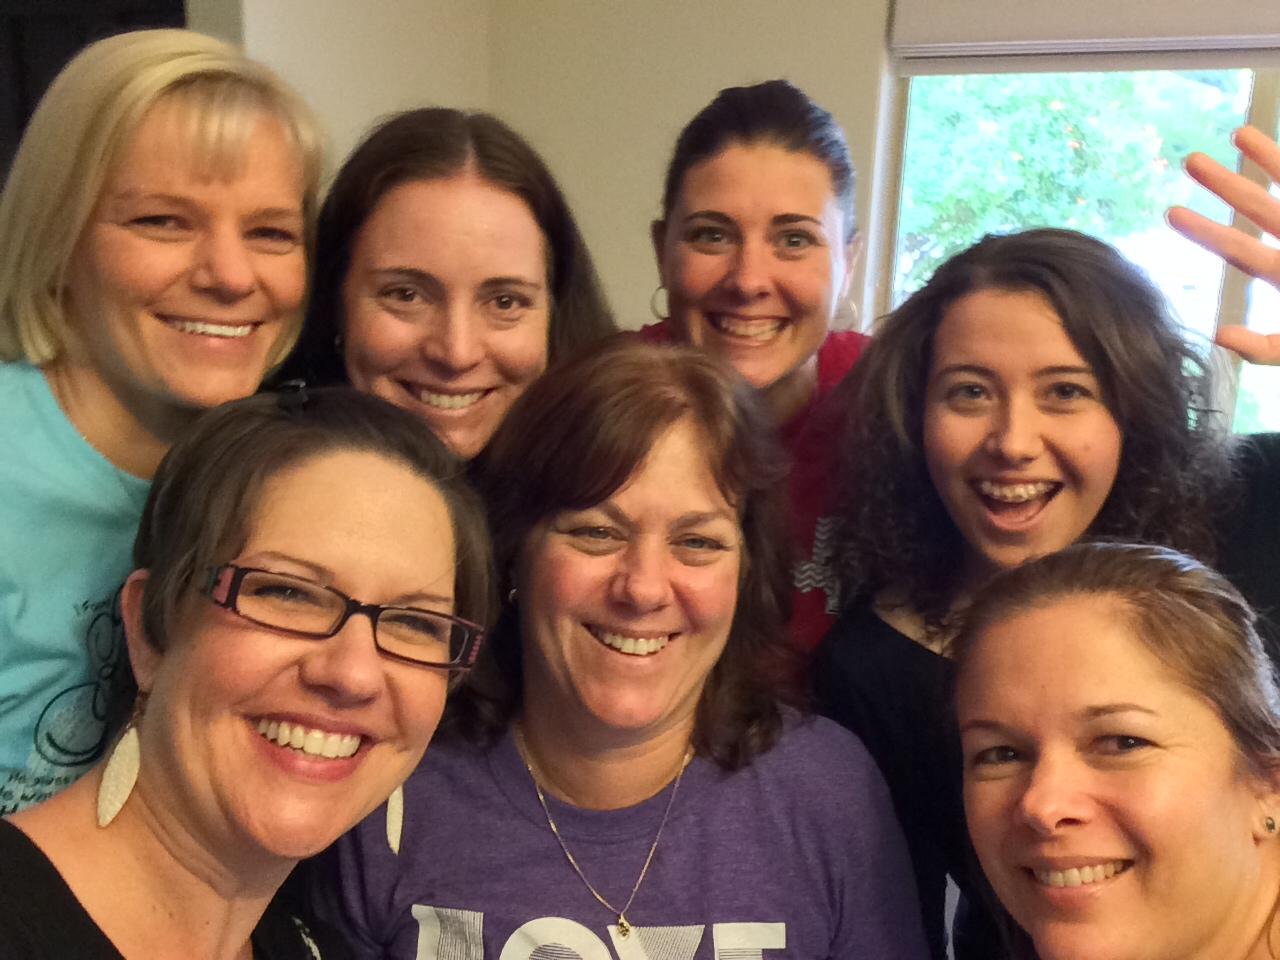 5-31-14 Breakfast with staff ladies.jpg